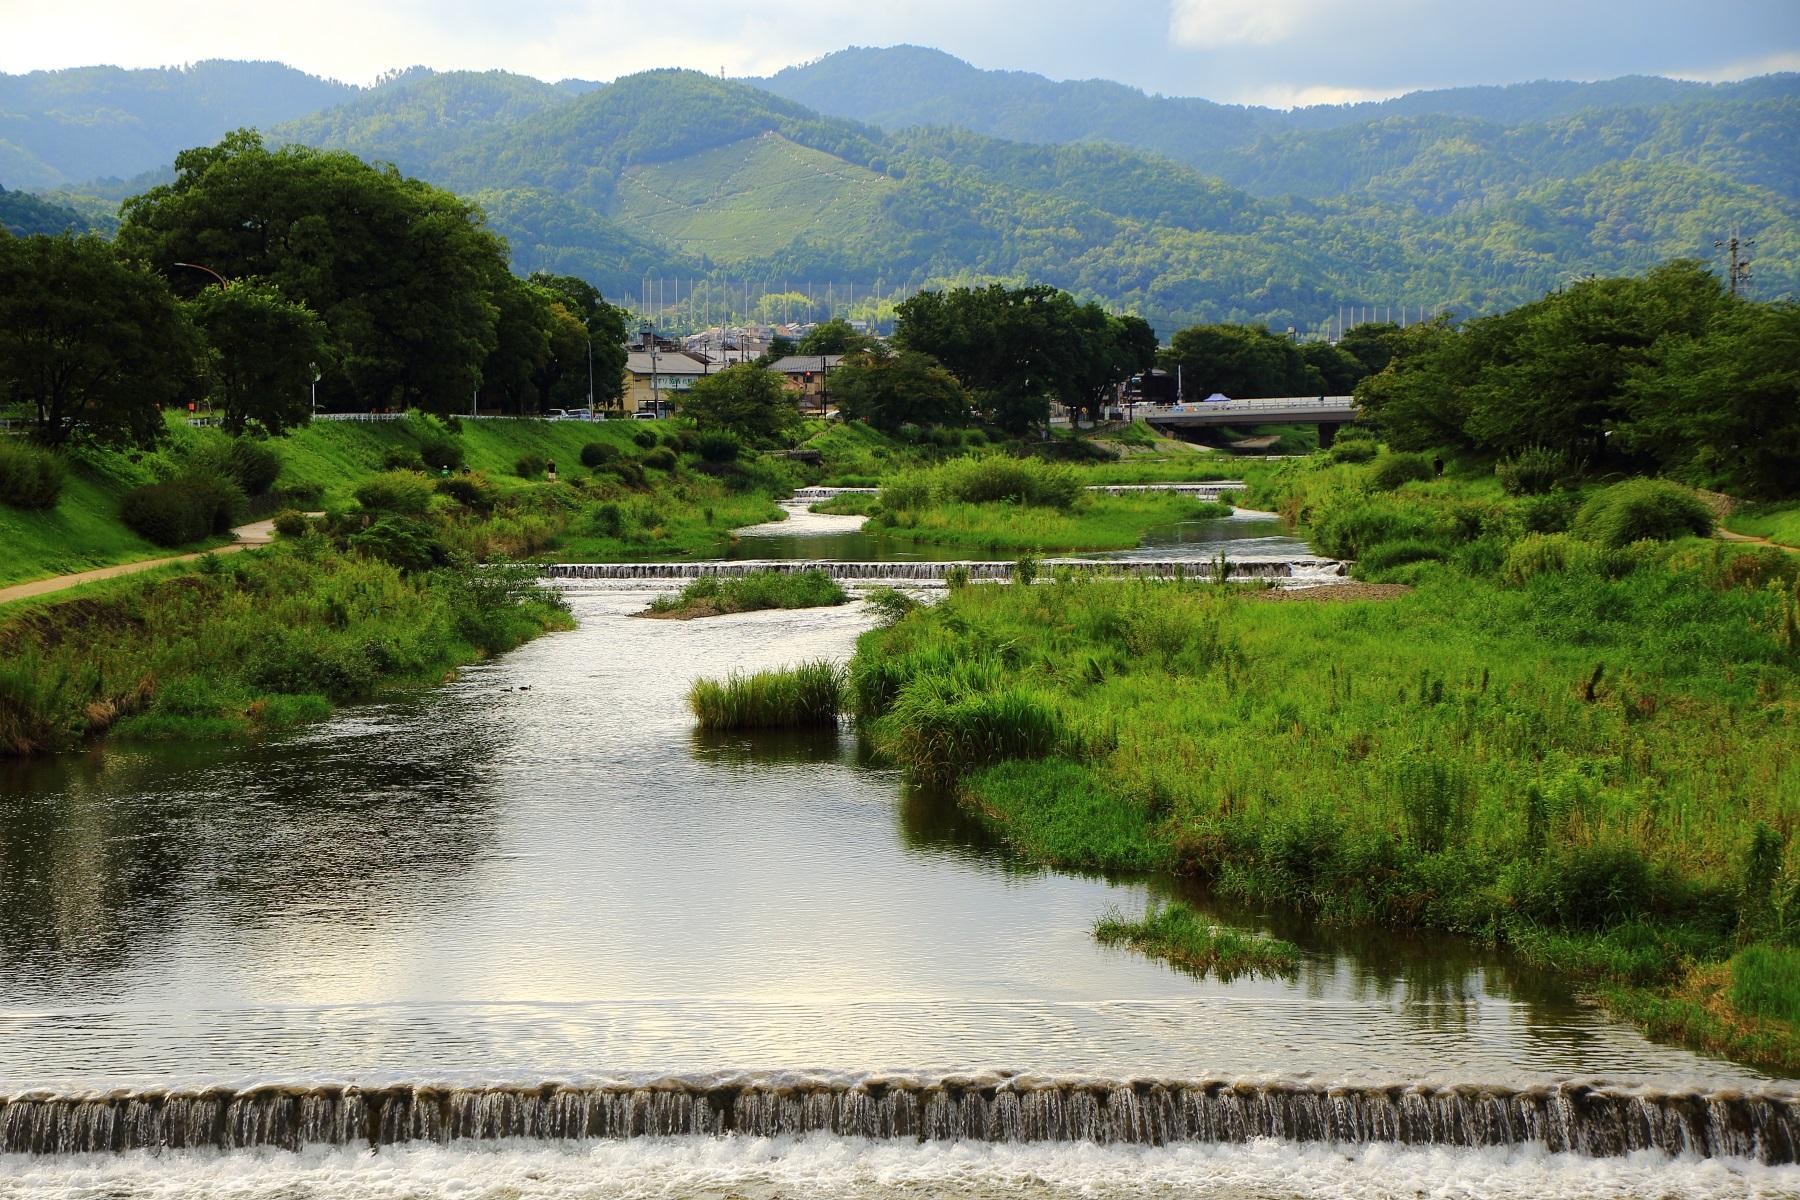 緑と川の美しい風景